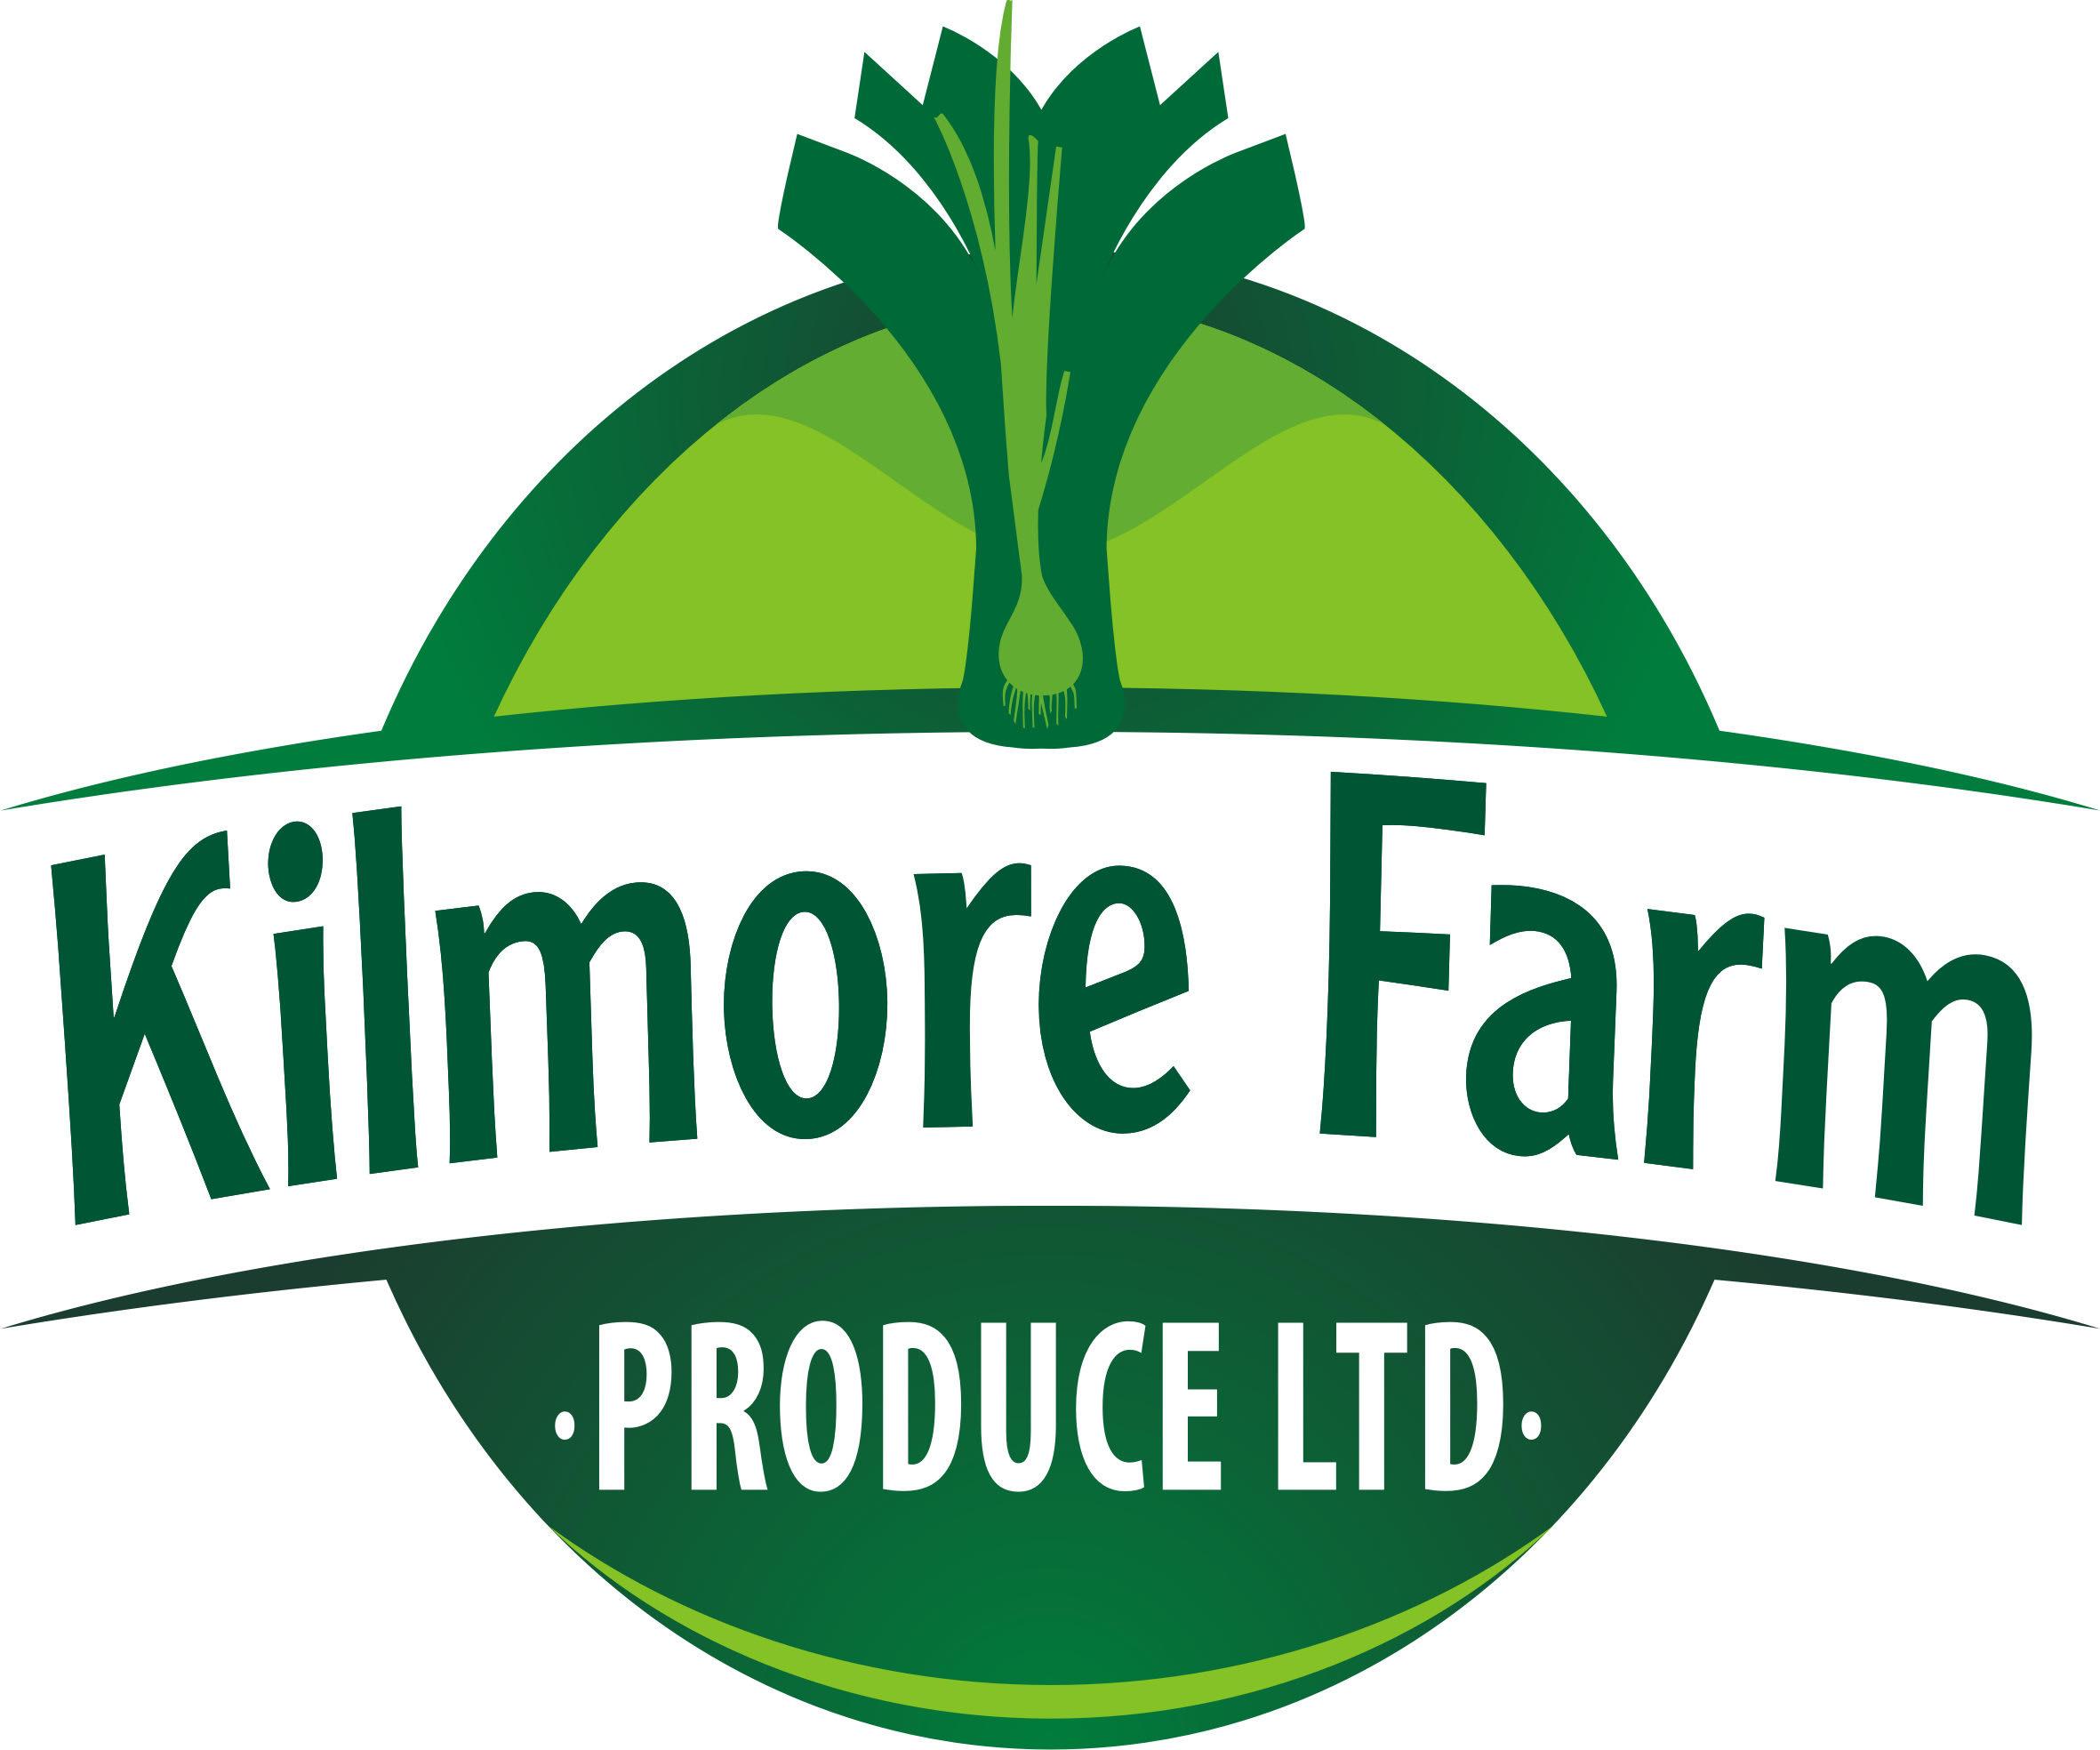 Kilmore Farm